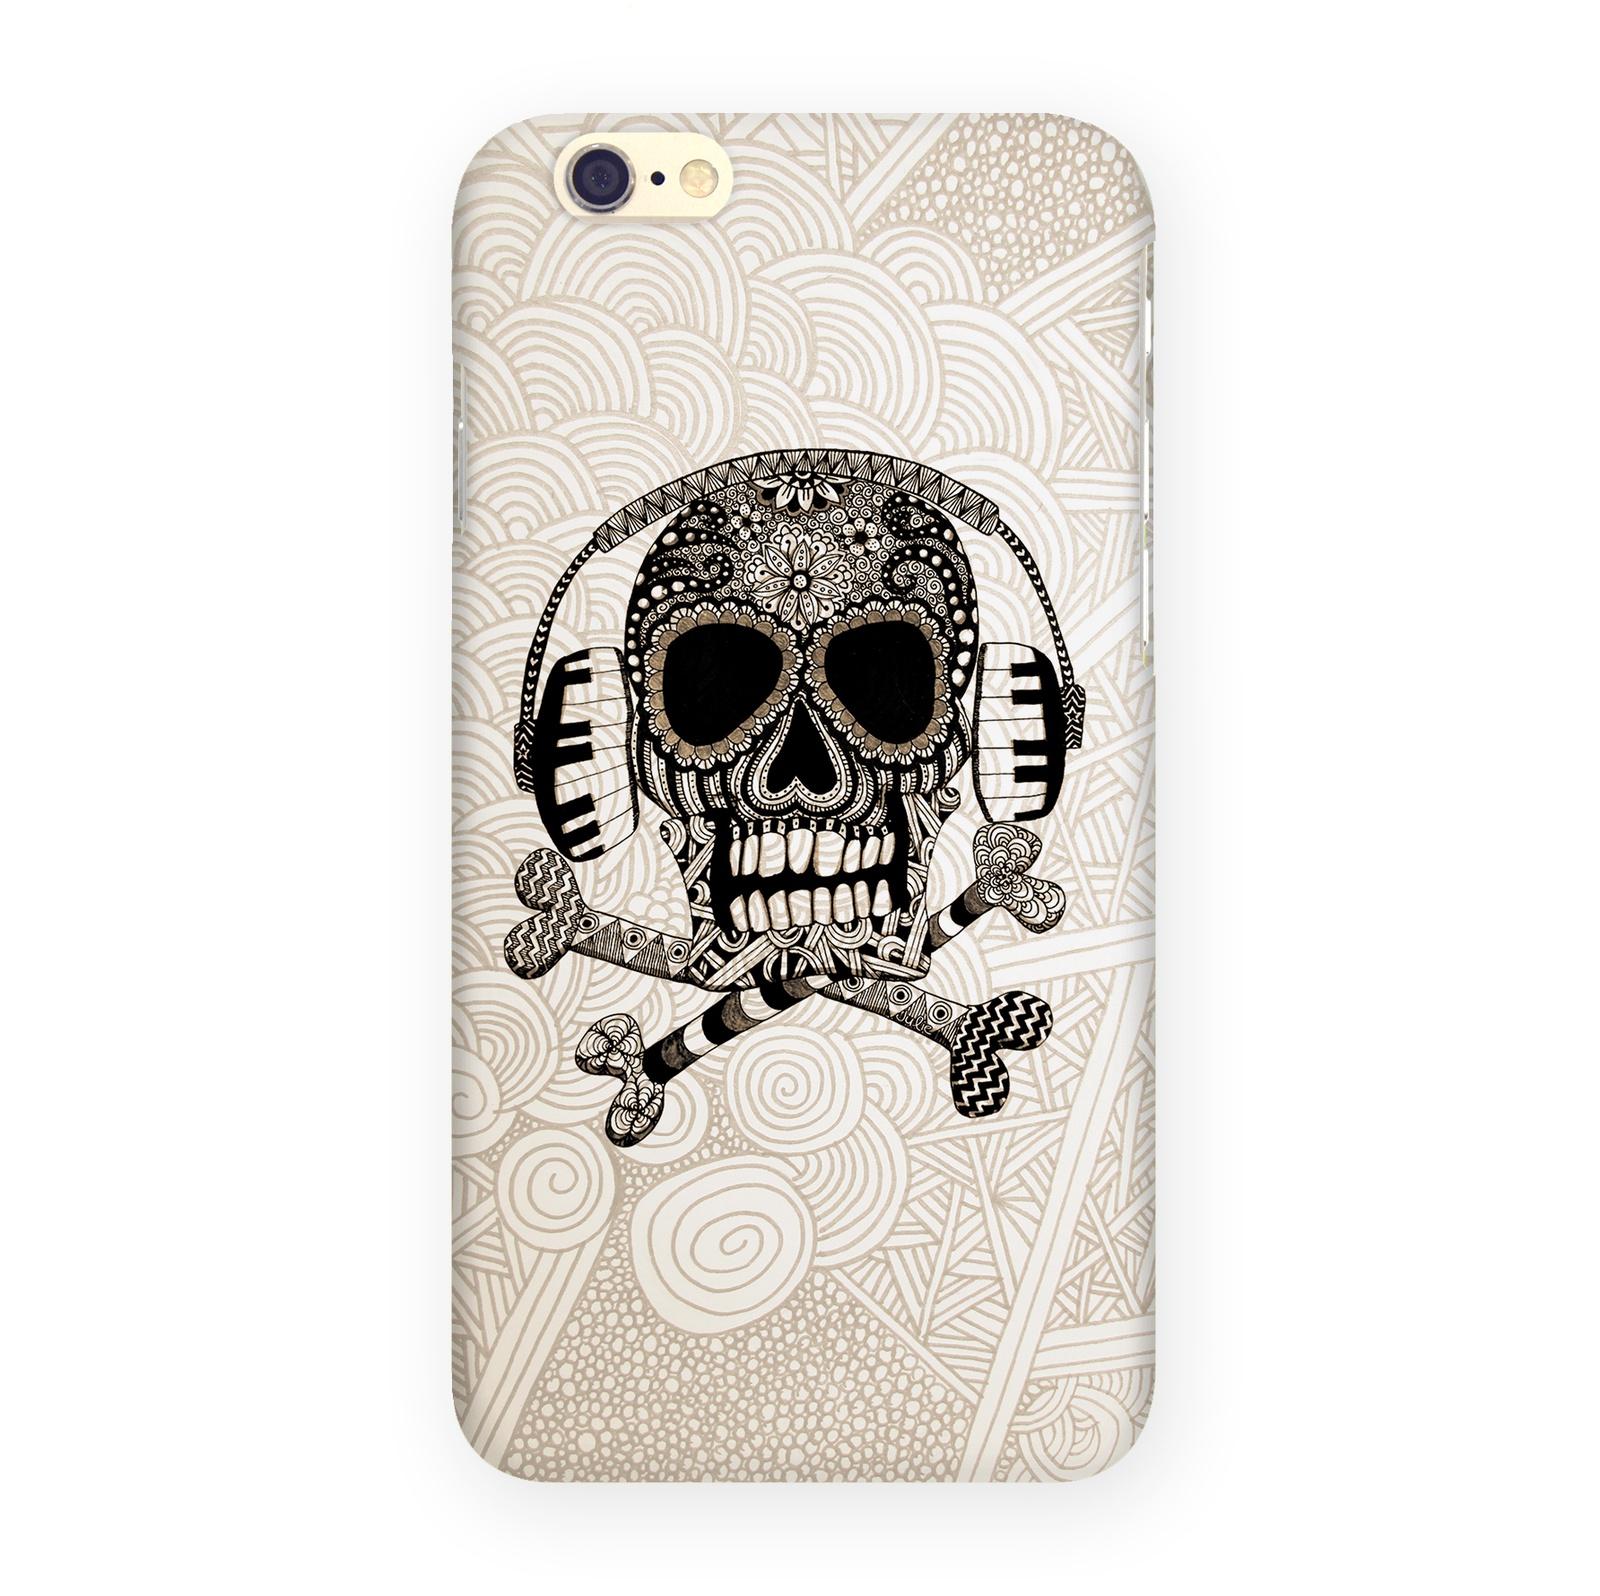 Чехол для iPhone 6 Зентангл Череп IP6.МITYA-292 цена